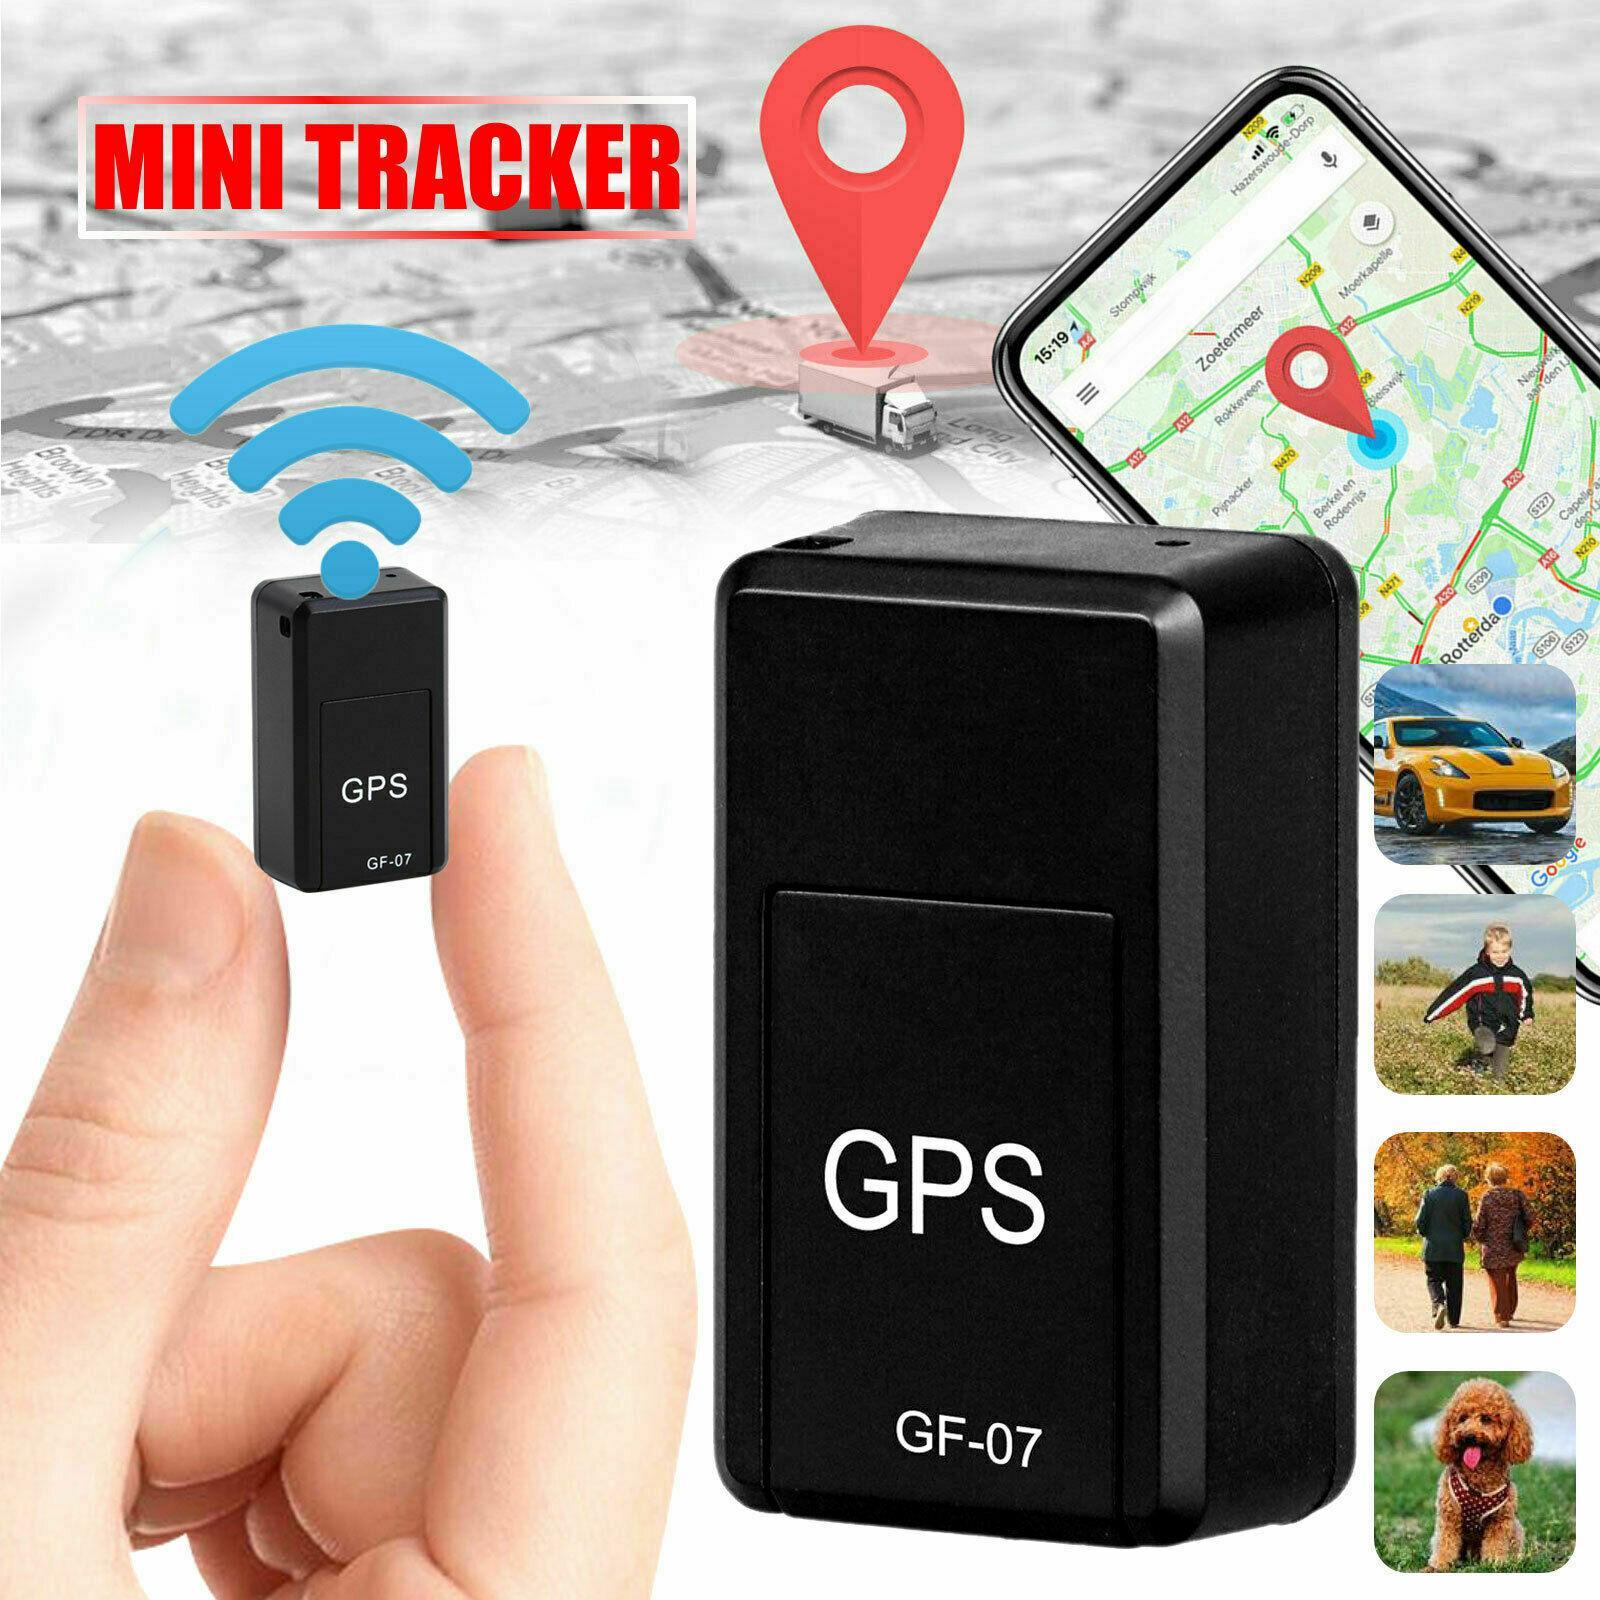 جديد مصغرة GF-07 GPS طويلة الاستعداد المغناطيسي مع SOS تتبع جهاز محدد لسيارة سيارة شخص الحيوانات الأليفة نظام المقتفي